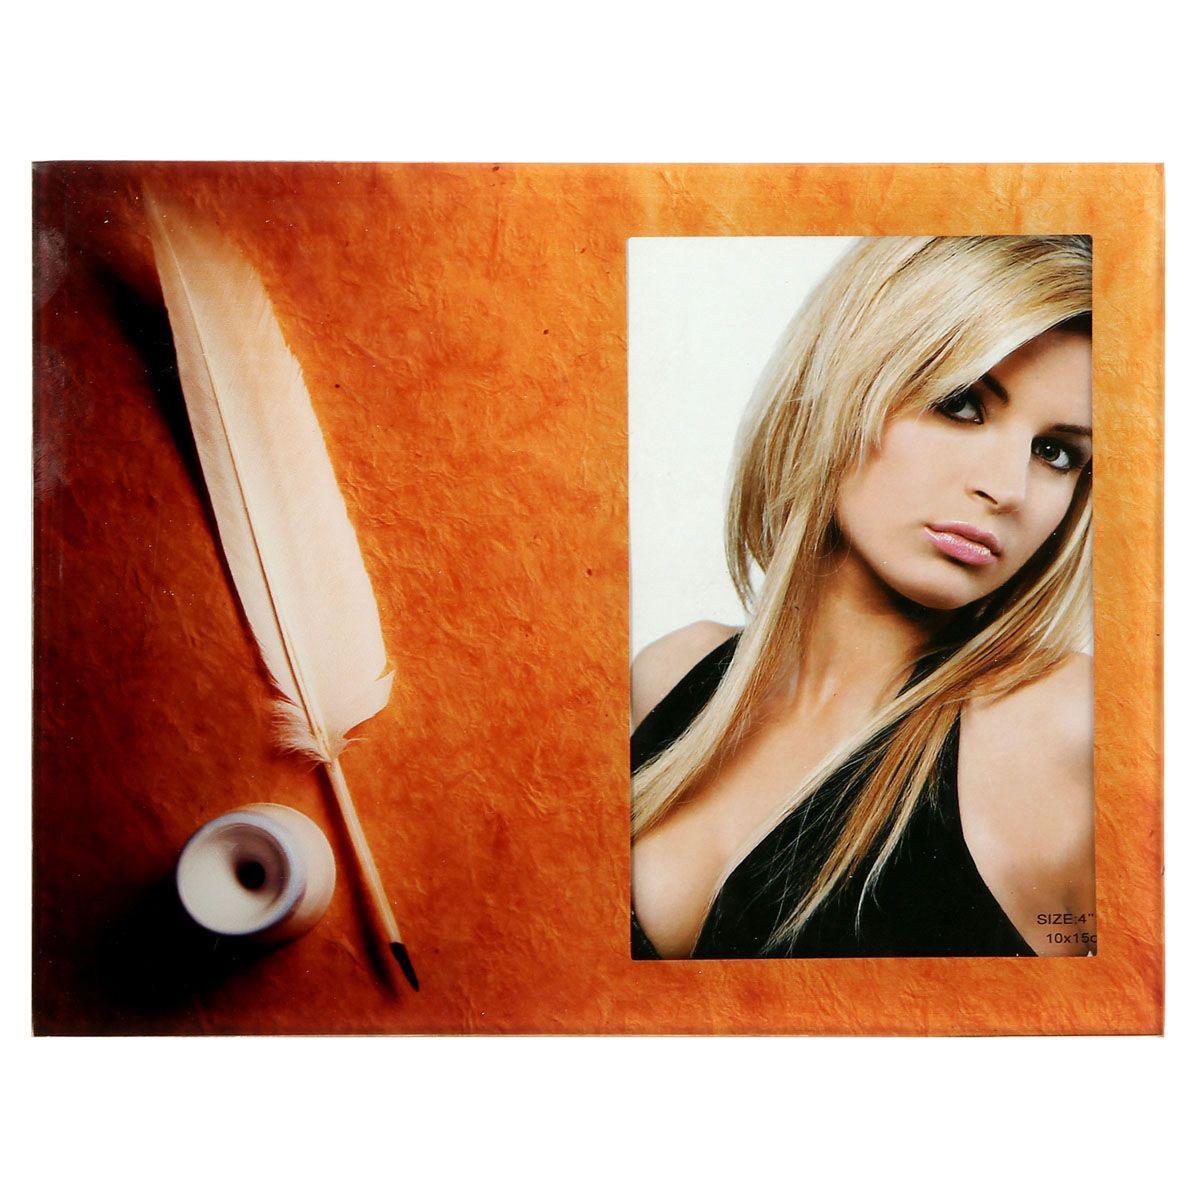 Фоторамка Sima-land Перо и бумага, цвет: коричневый, 10 см х 15 см843729Декоративная фоторамка Sima-land Перо и бумага выполнена из стекла и декорирована изображением пера. Обратная сторона рамки оснащена специальной ножкой, благодаря которой ее можно поставить на стол или любое другое место в доме или офисе. Такая фоторамка украсит ваш интерьер оригинальным образом, а также позволит сохранить память о дорогих вам людях и интересных событиях вашей жизни. С ней вы сможете не просто внести в интерьер своего дома элемент оригинальности, но и создать атмосферу загадочности и изысканности.